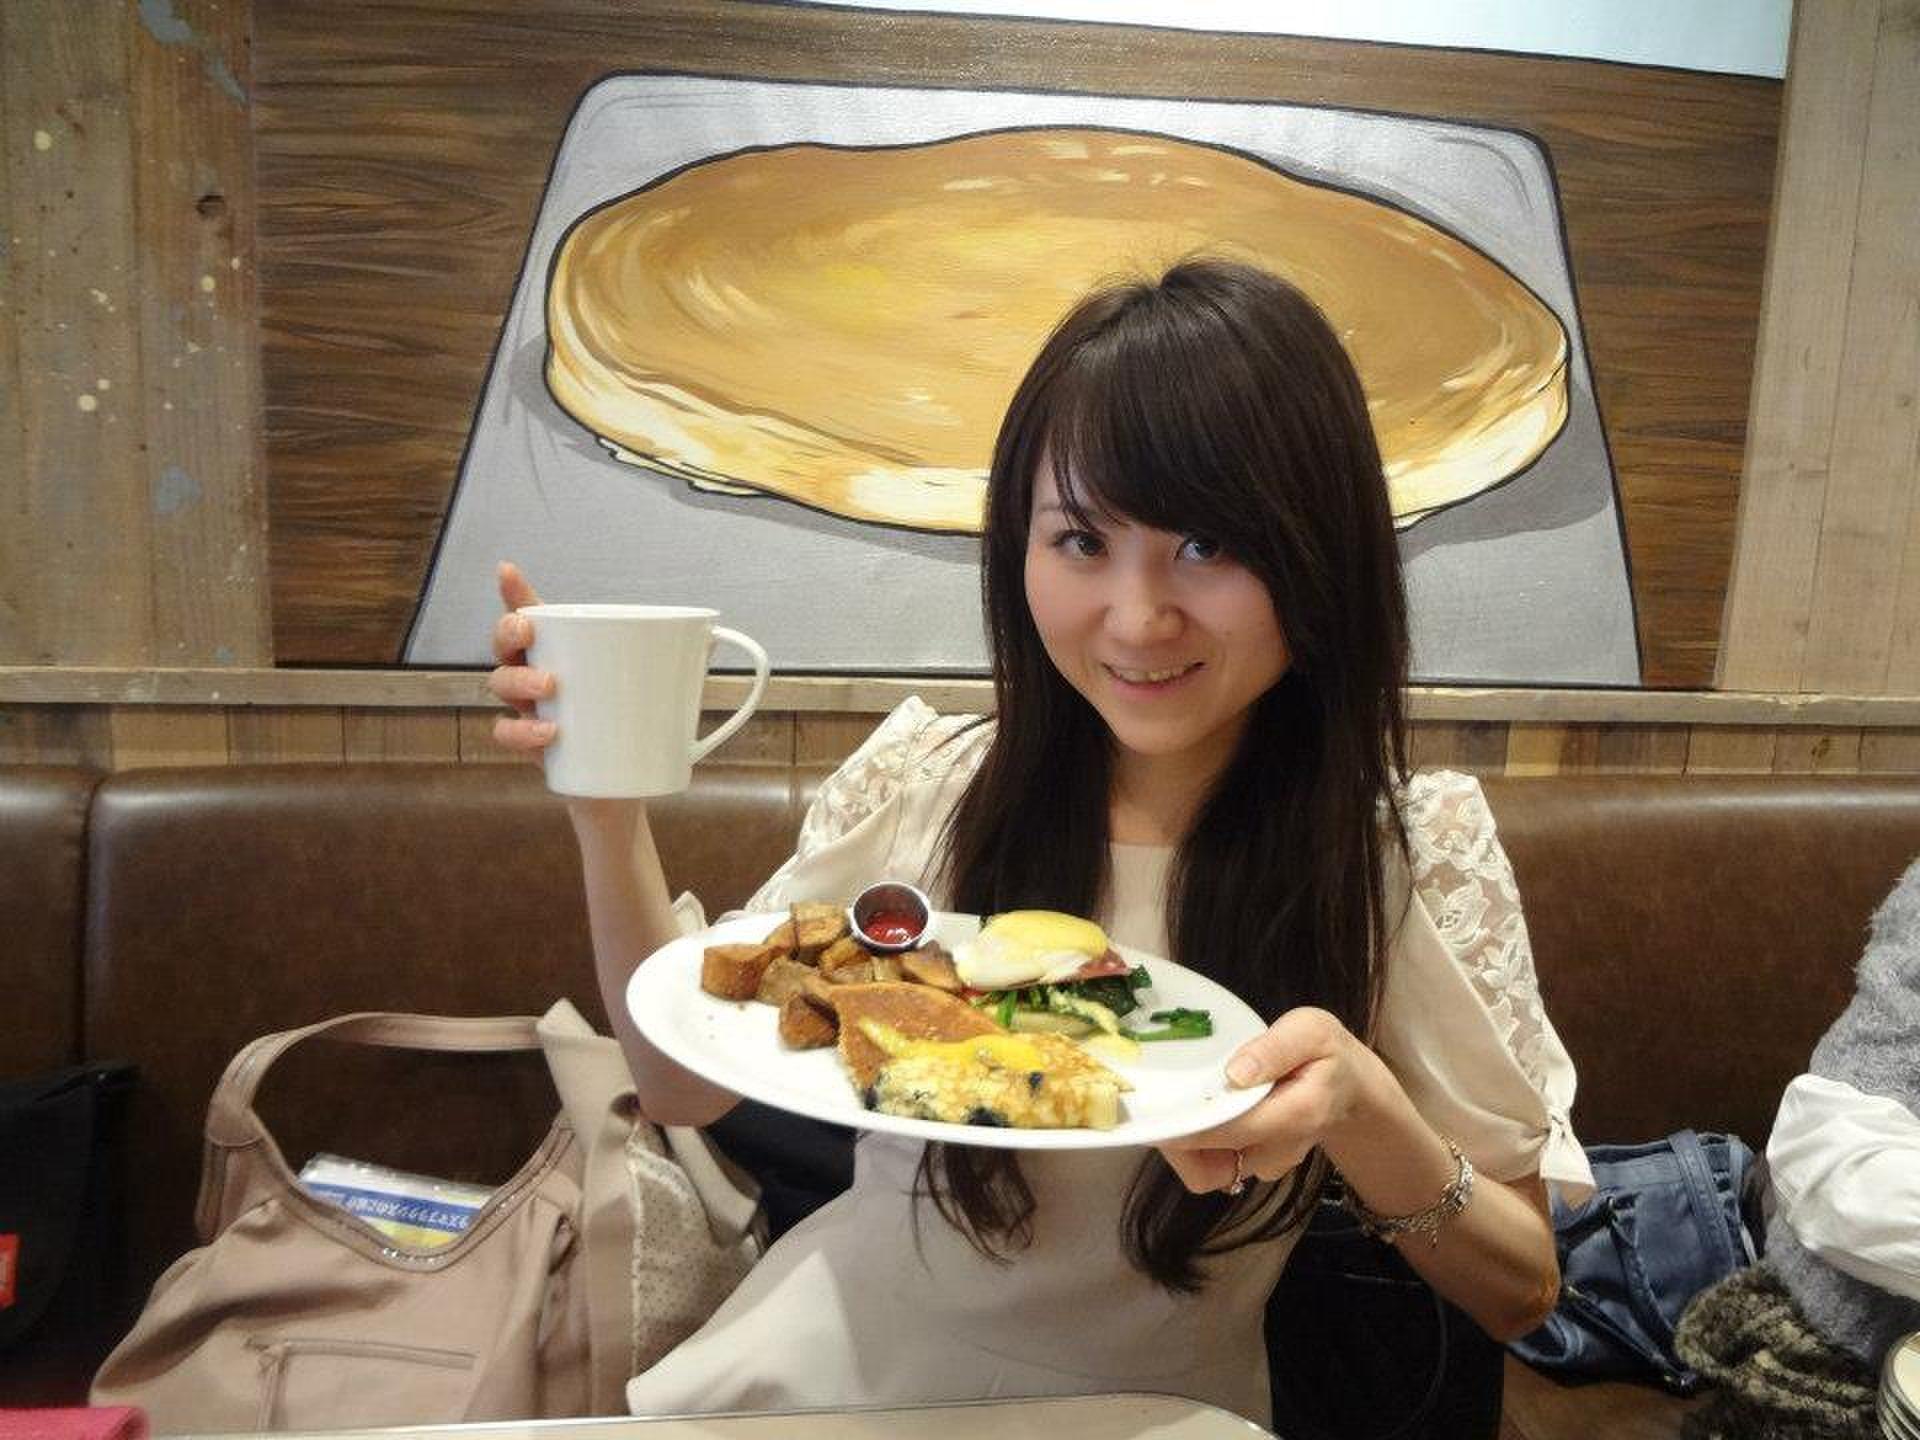 【新宿お散歩コース】2000円以下で楽しめる!スラッピーケークスと新宿御苑コース☆